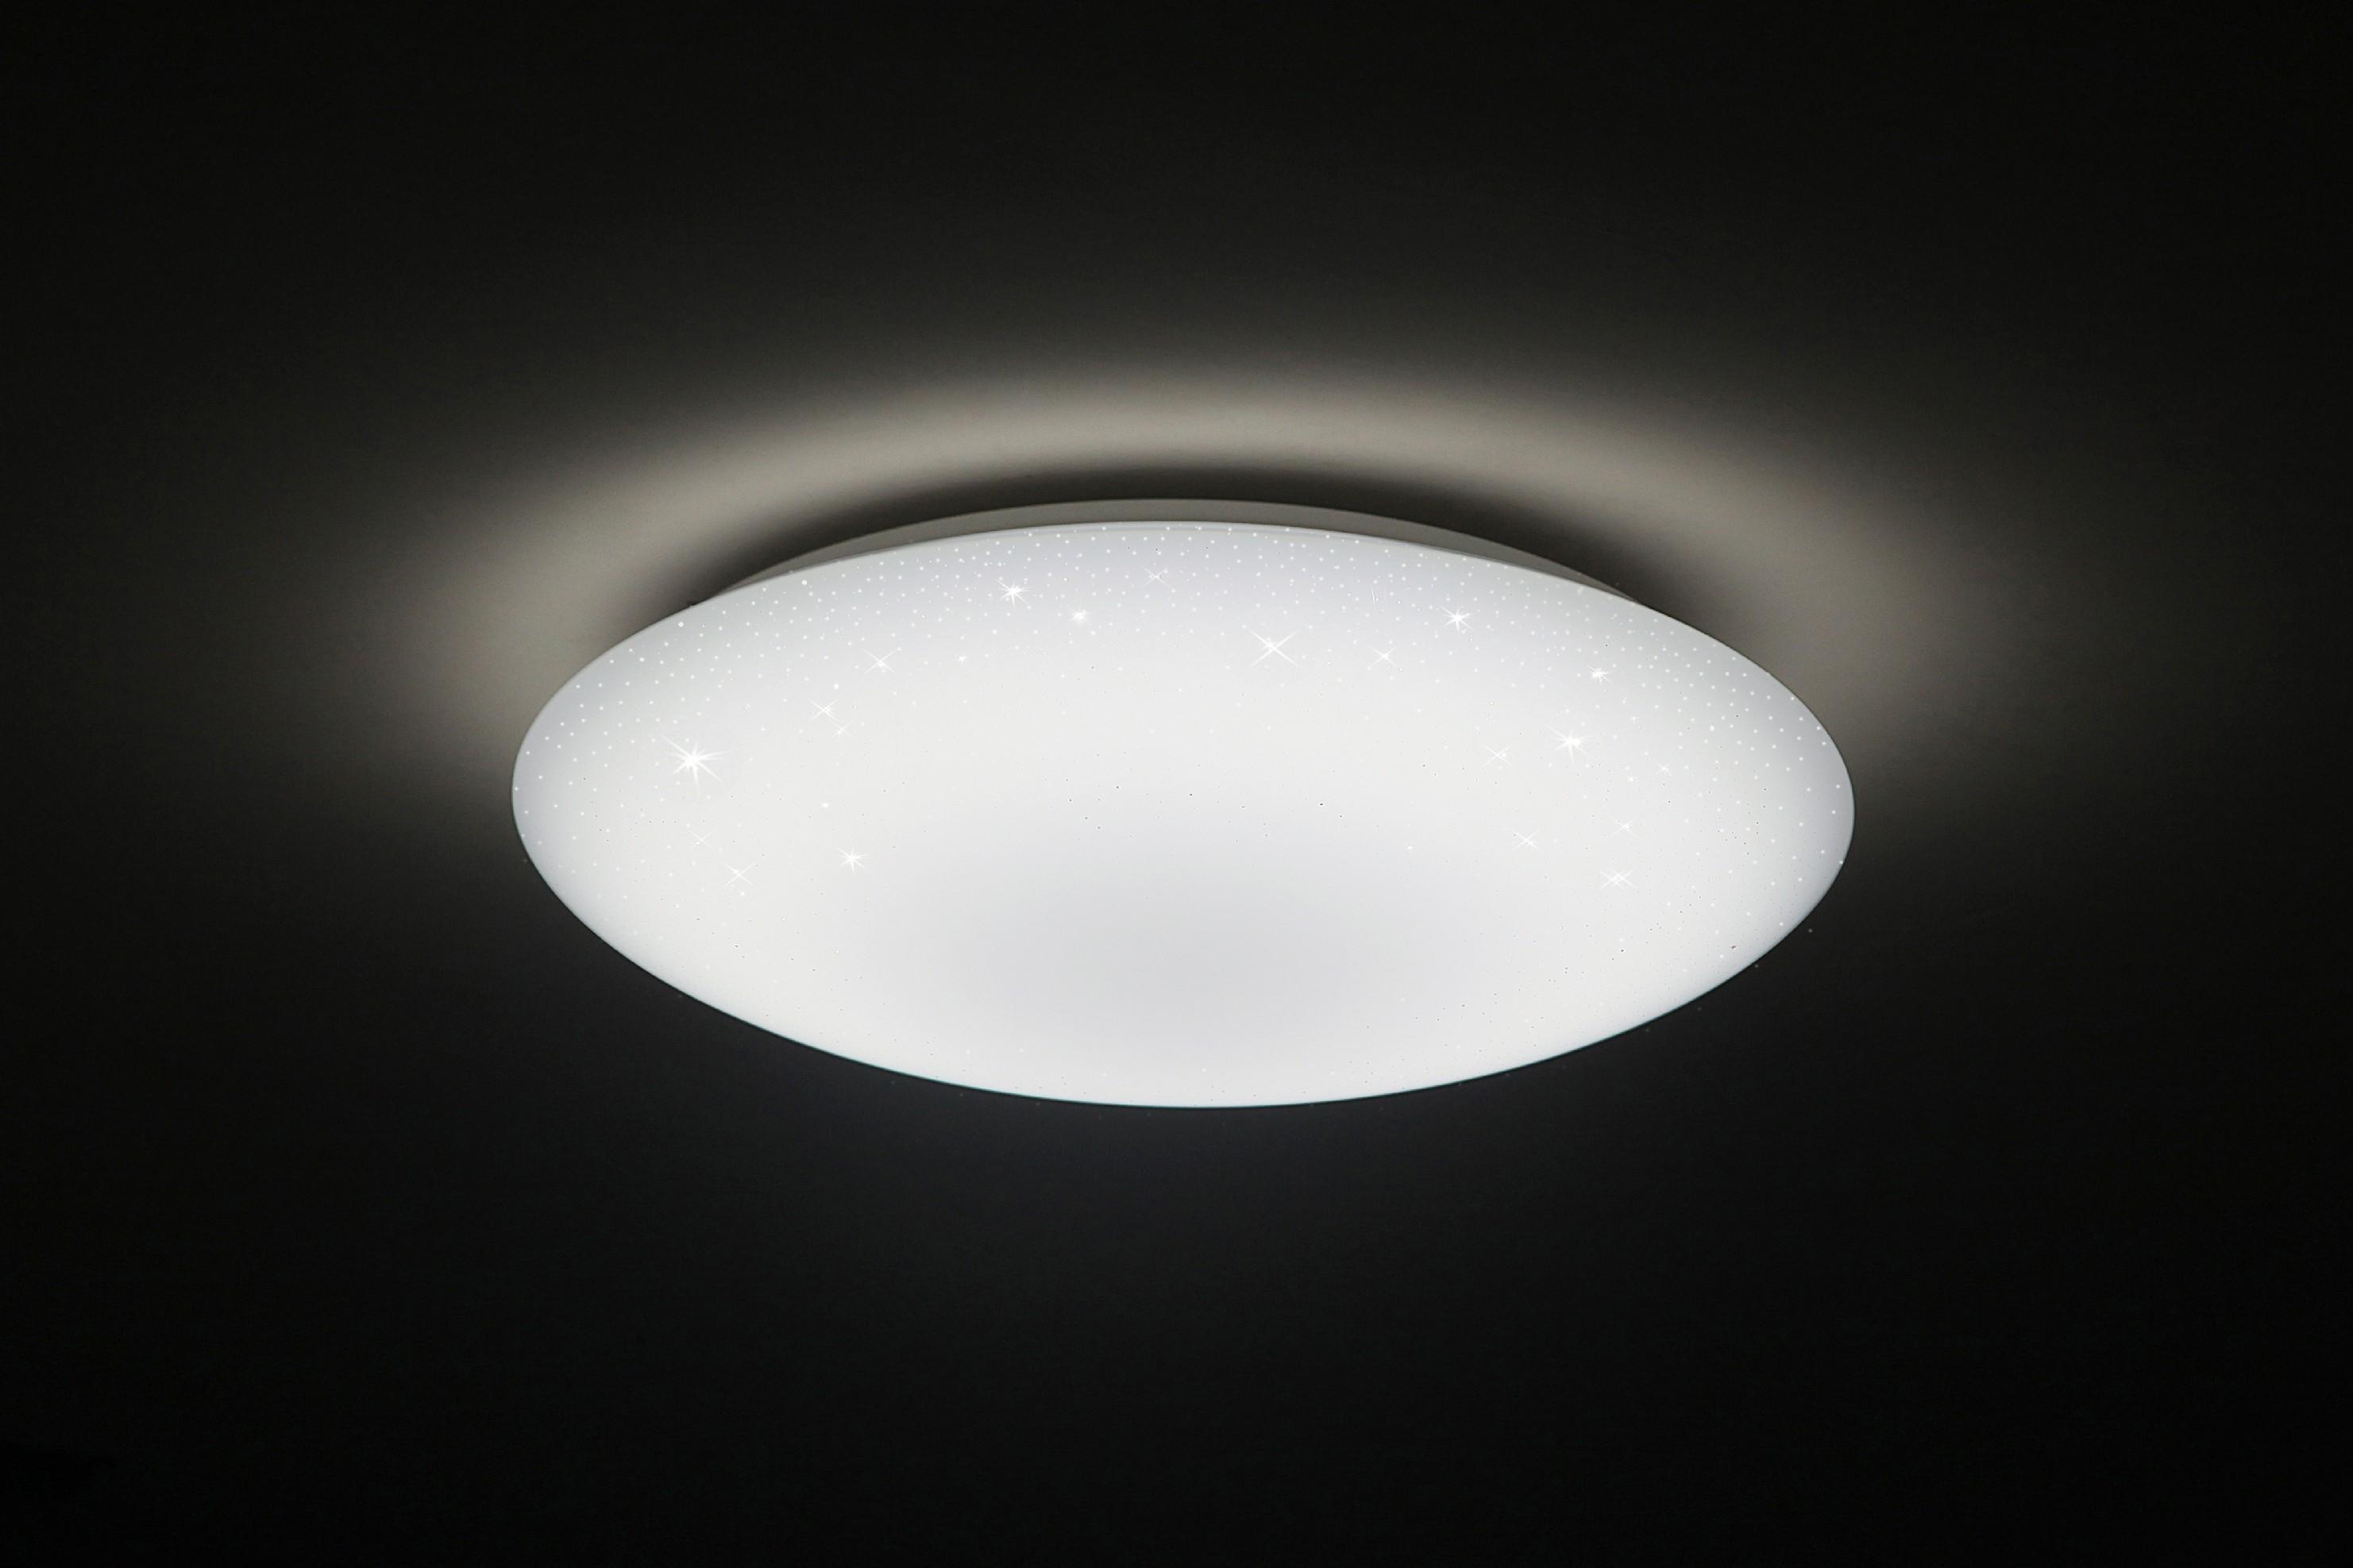 Inteligentní ECO LED svítidlo - Dalen DL-C205TX - Hvězdné nebe